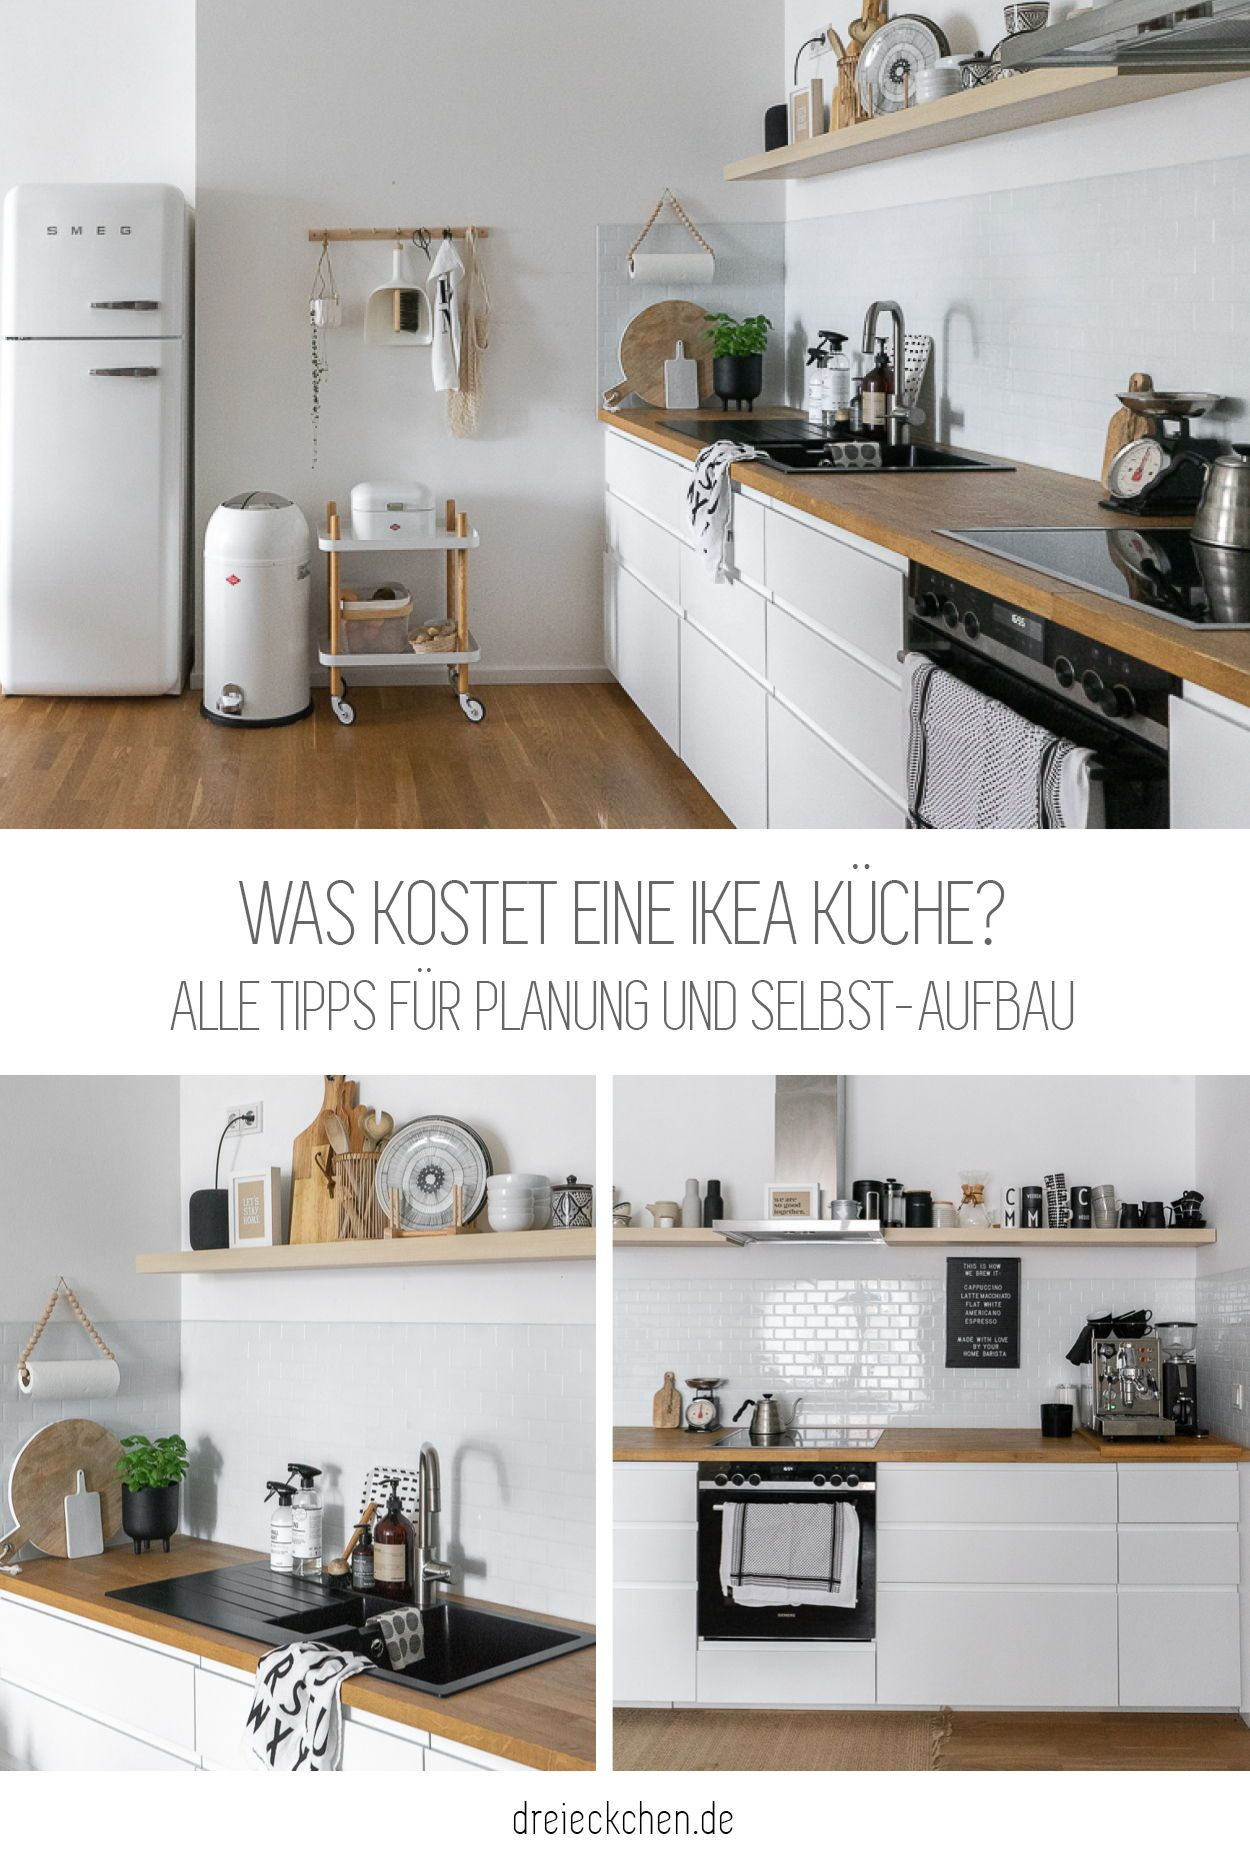 Was kostet eine IKEA Küche? in 15  Ikea küche, Wohnung küche